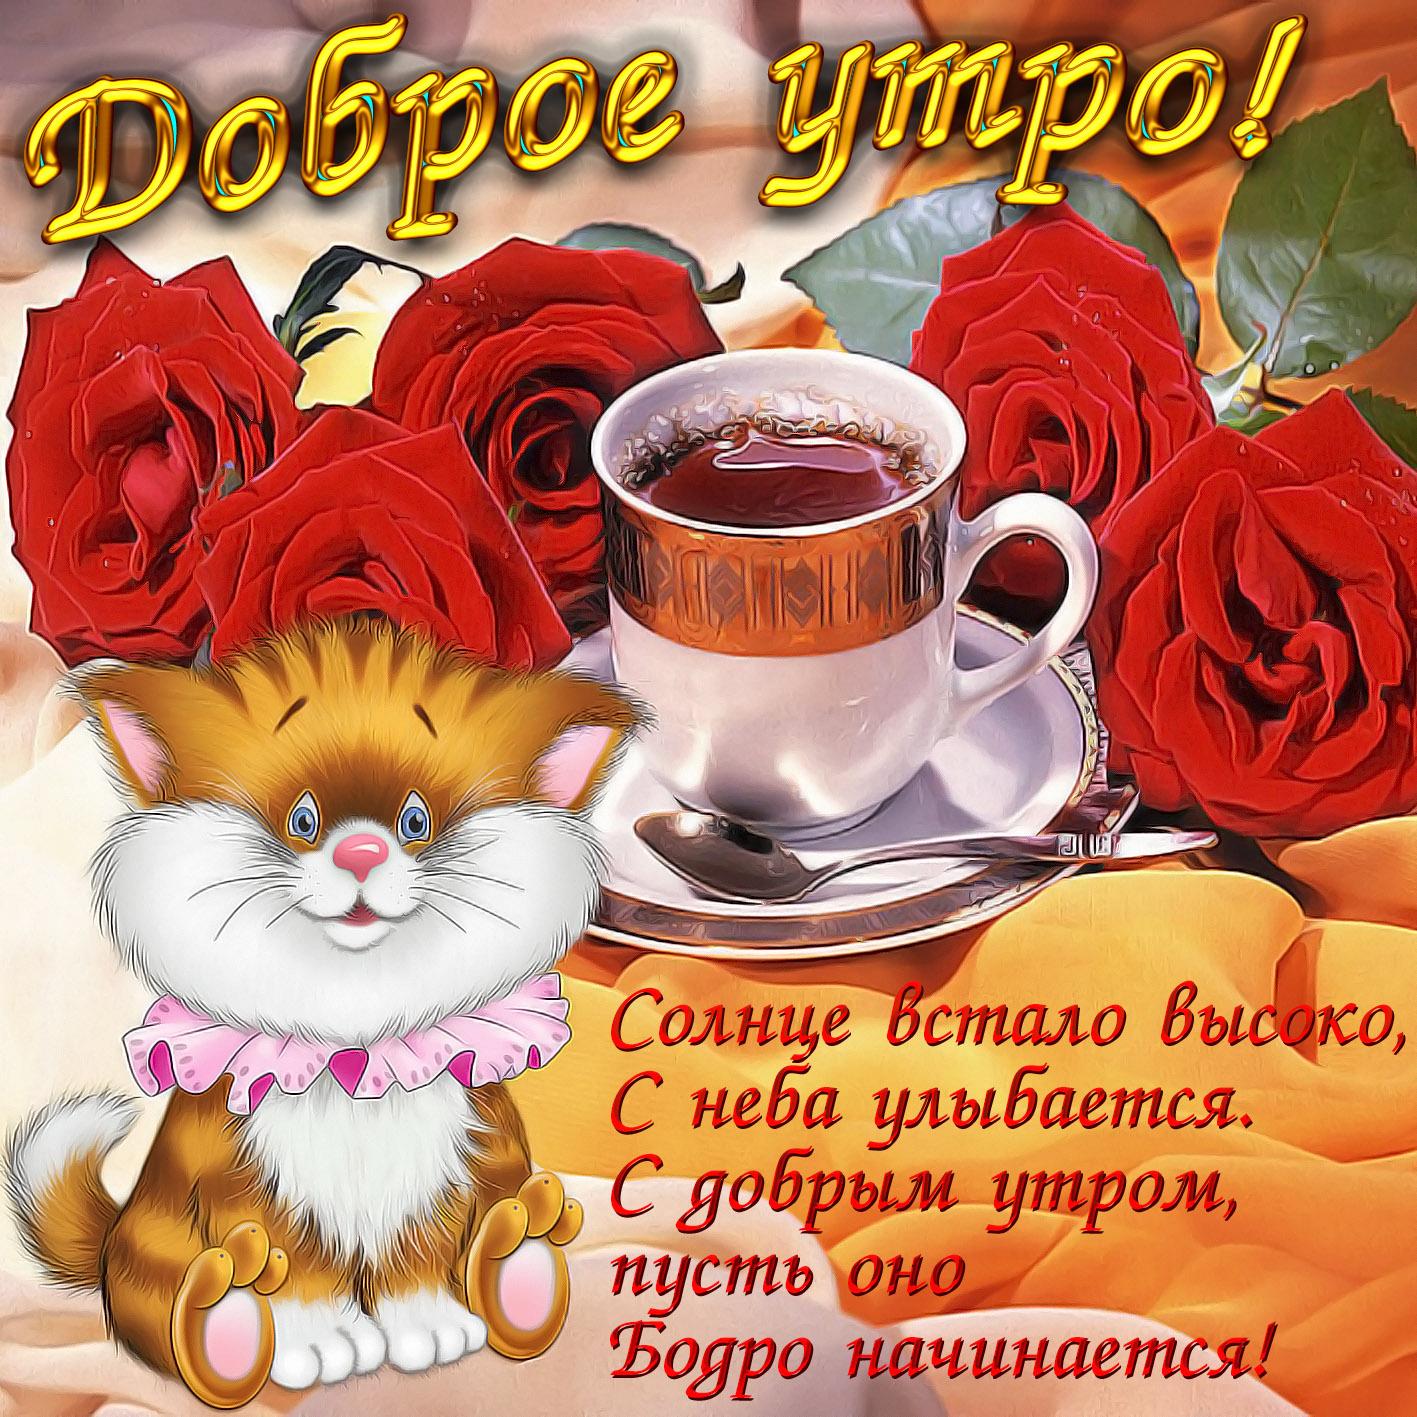 пожелать доброе утро прикольно в картинках собчак советский российский